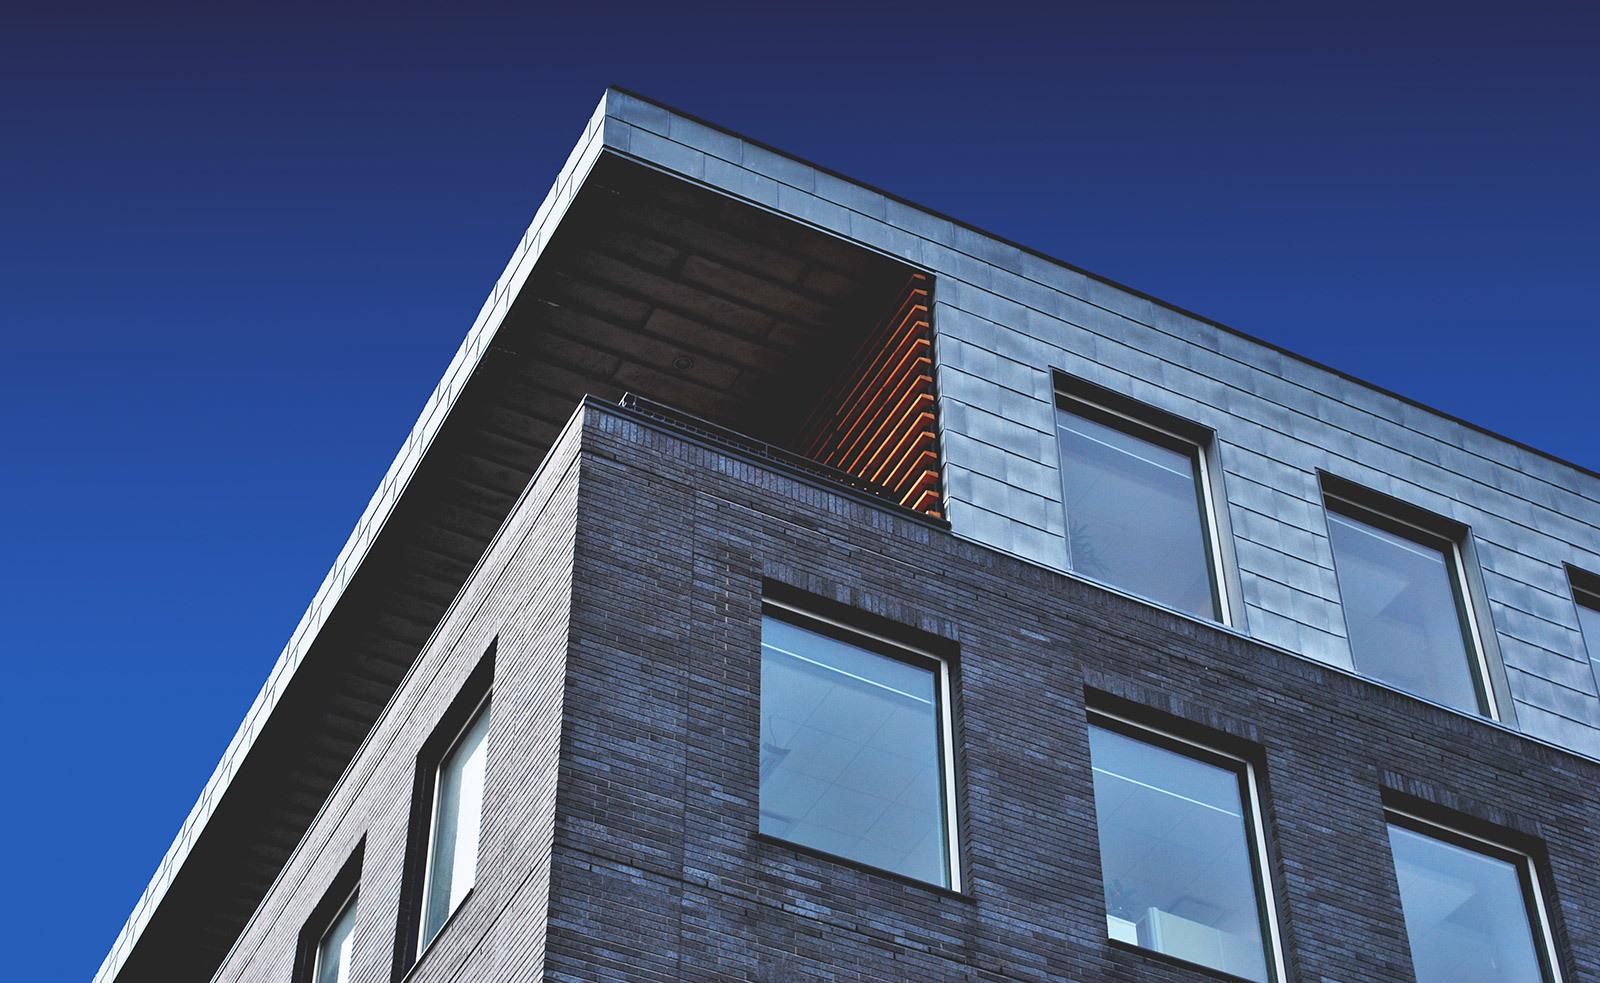 Hier houdt u het best rekening mee bij het ontwerp van uw woning